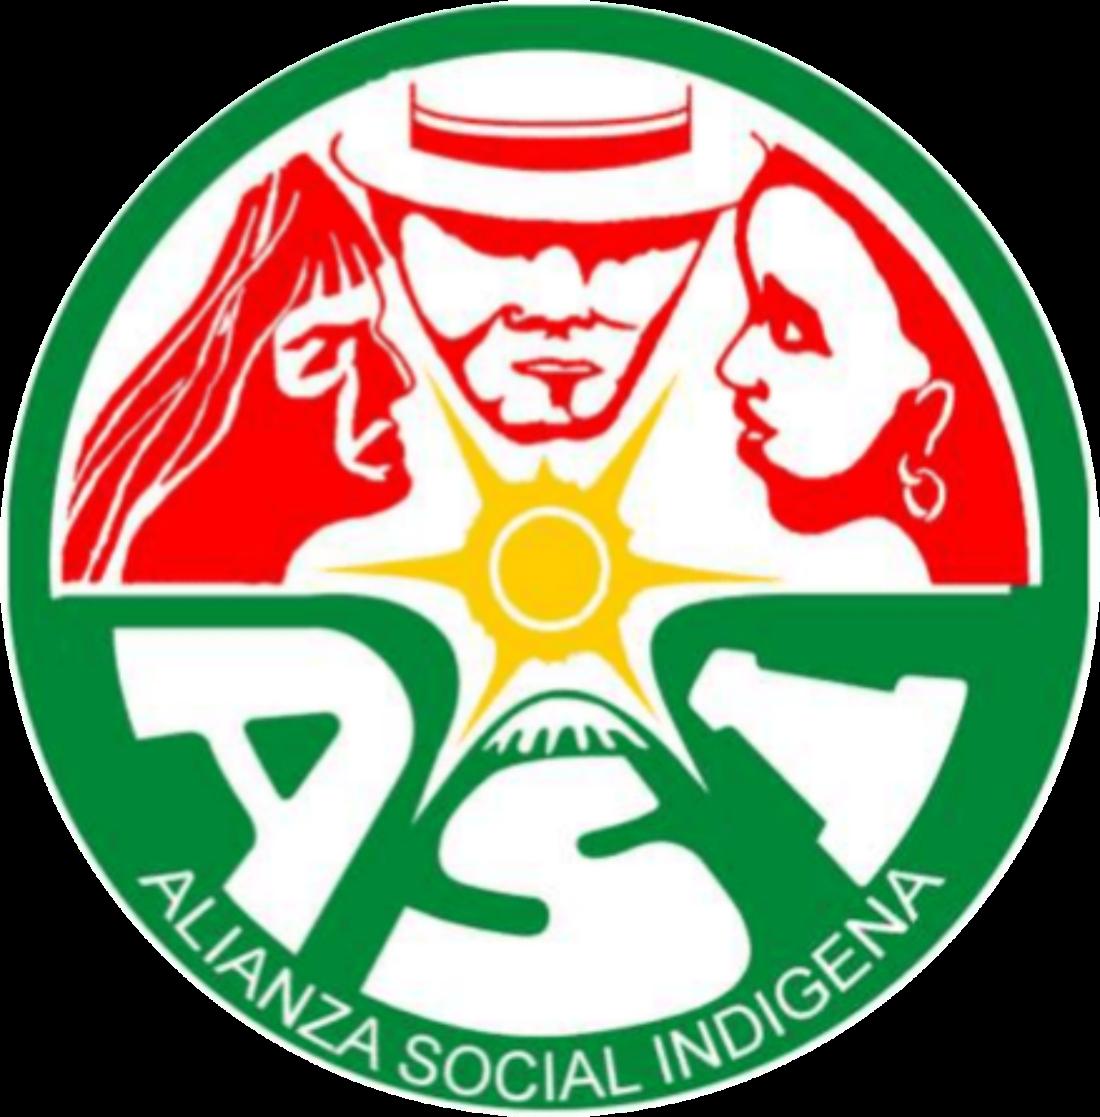 Alianza Social Independiente